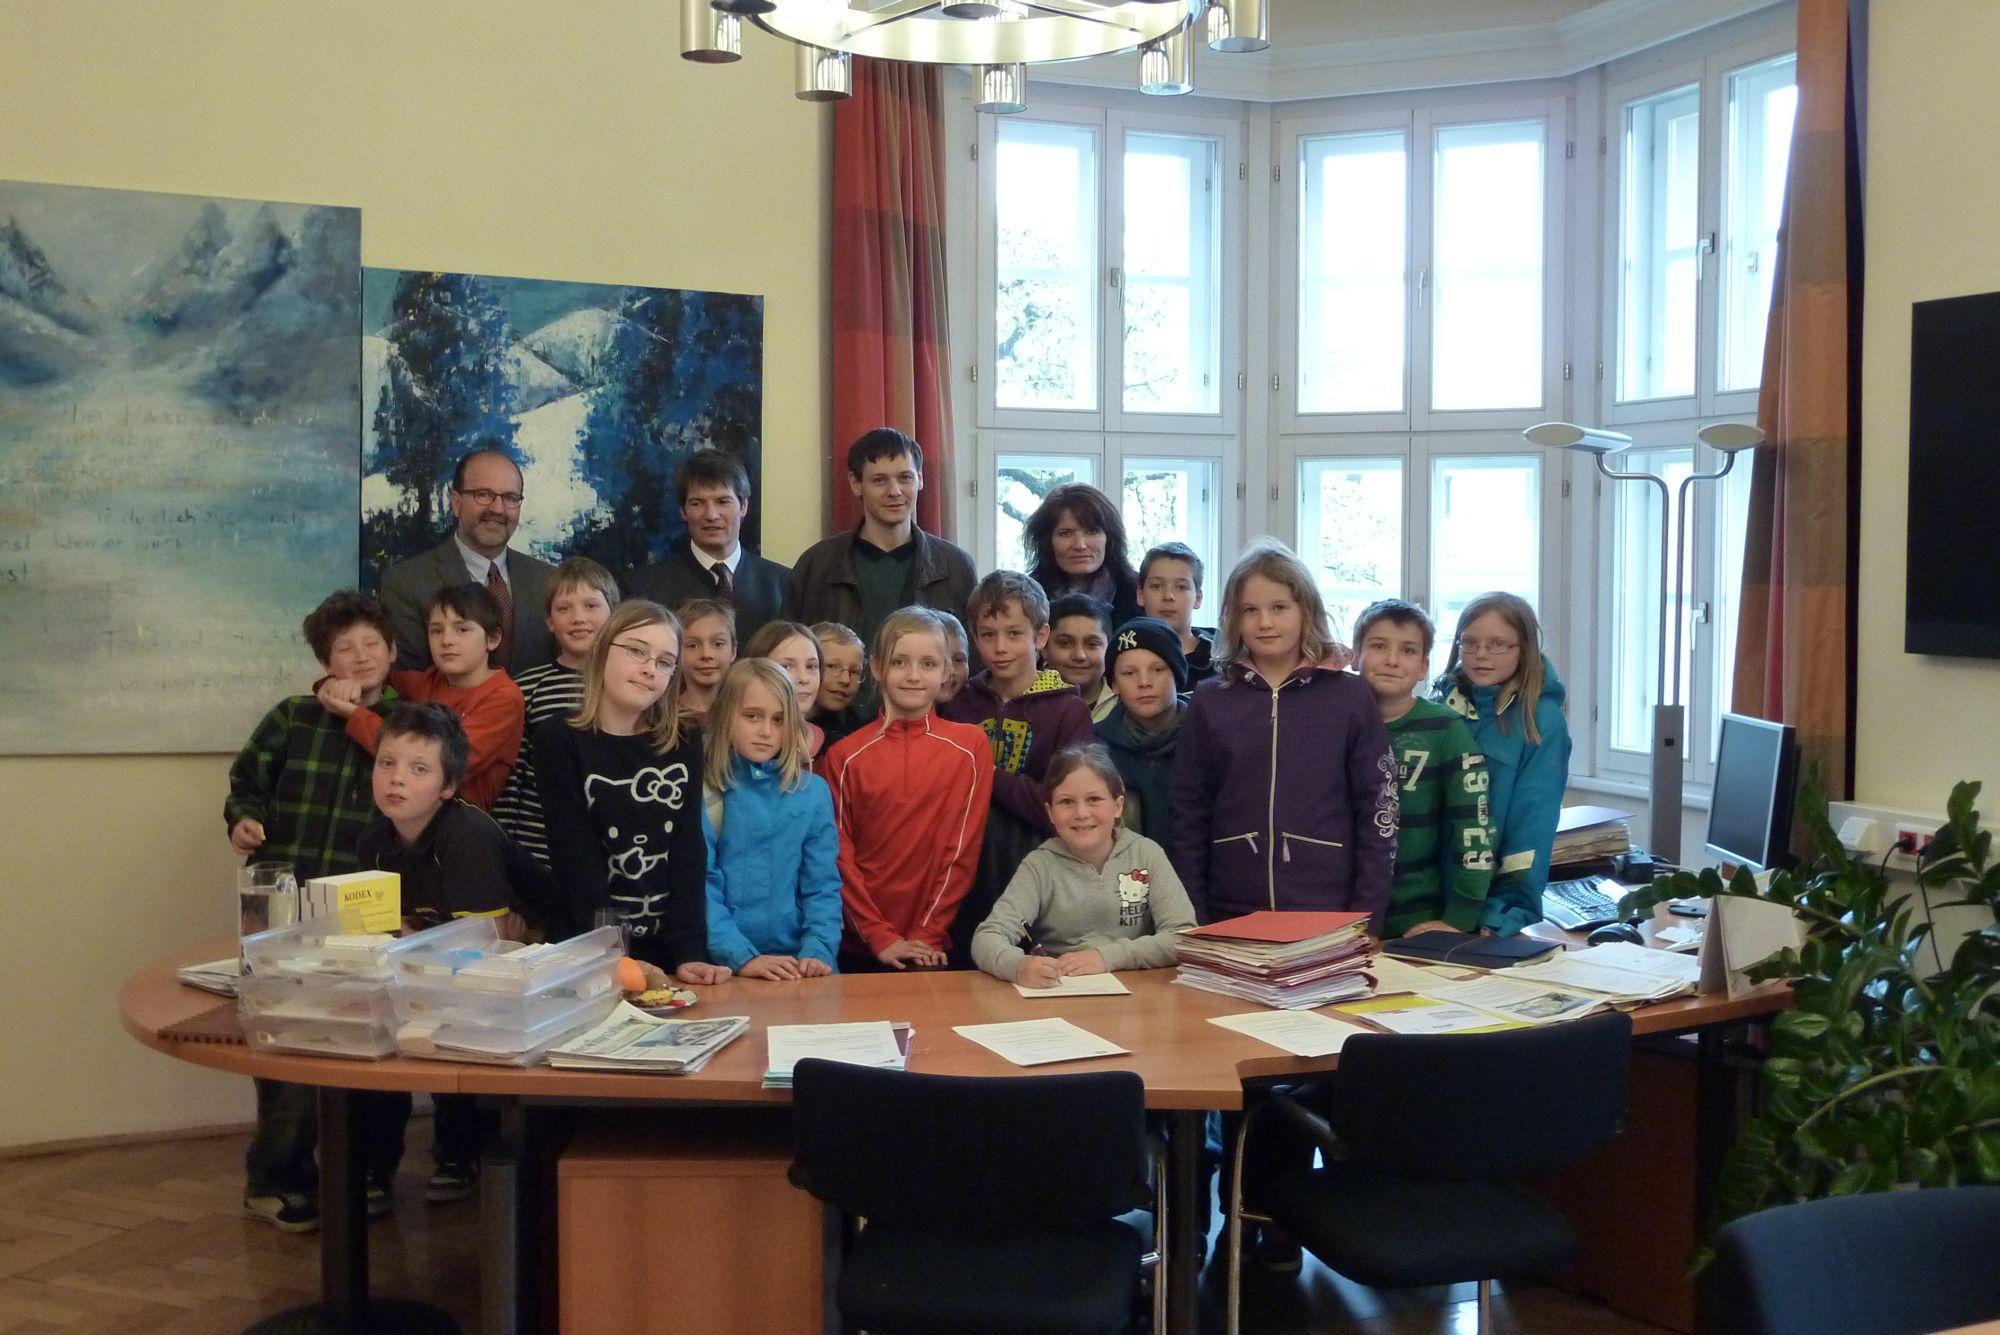 Personal Arbeit Jobs in Kirchbichl, T - Mrz 2020 | rematesbancarios.com